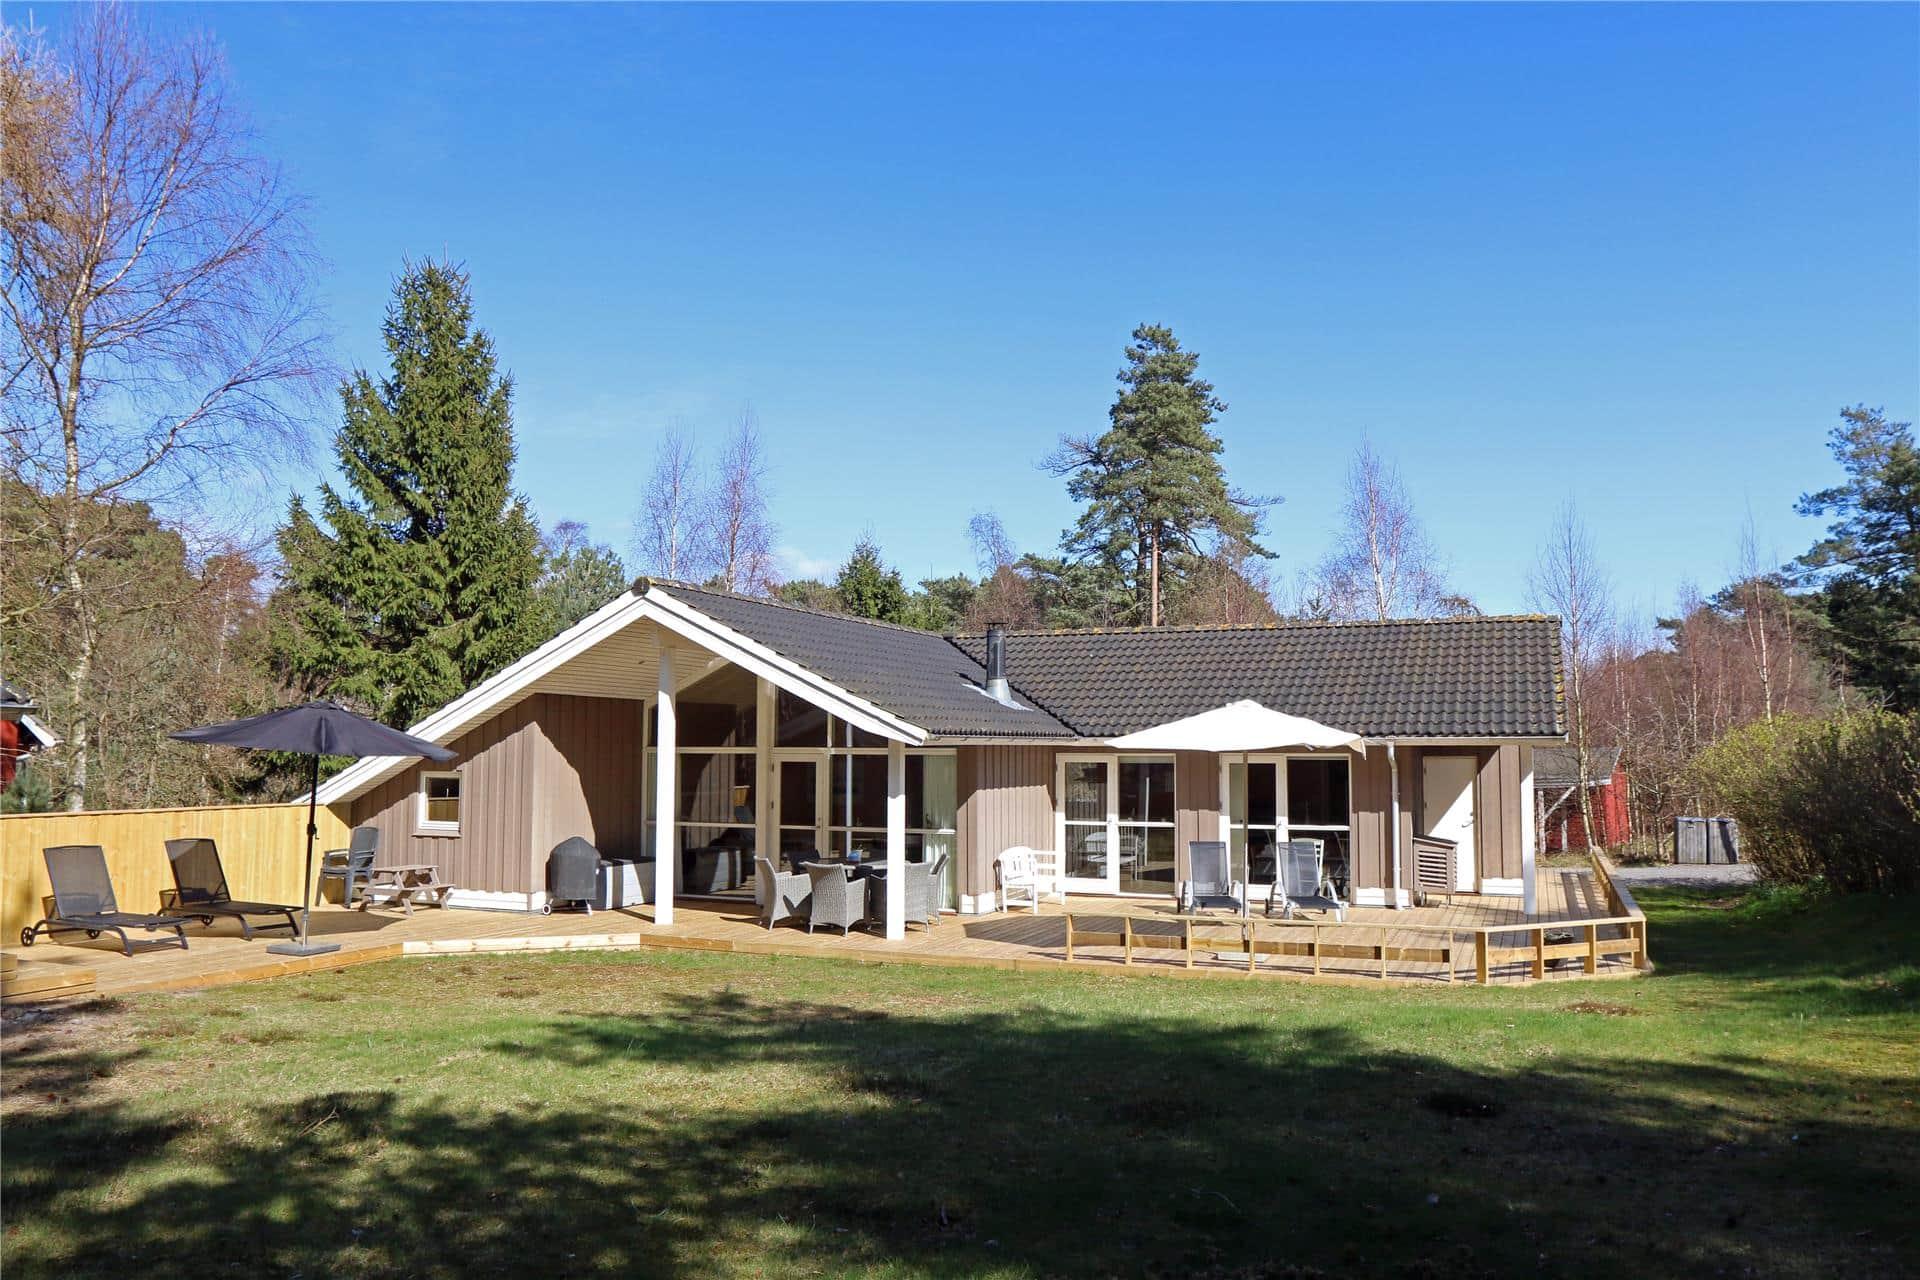 Image 1-10 Holiday-home 3631, Turistvej 43, DK - 3730 Nexø